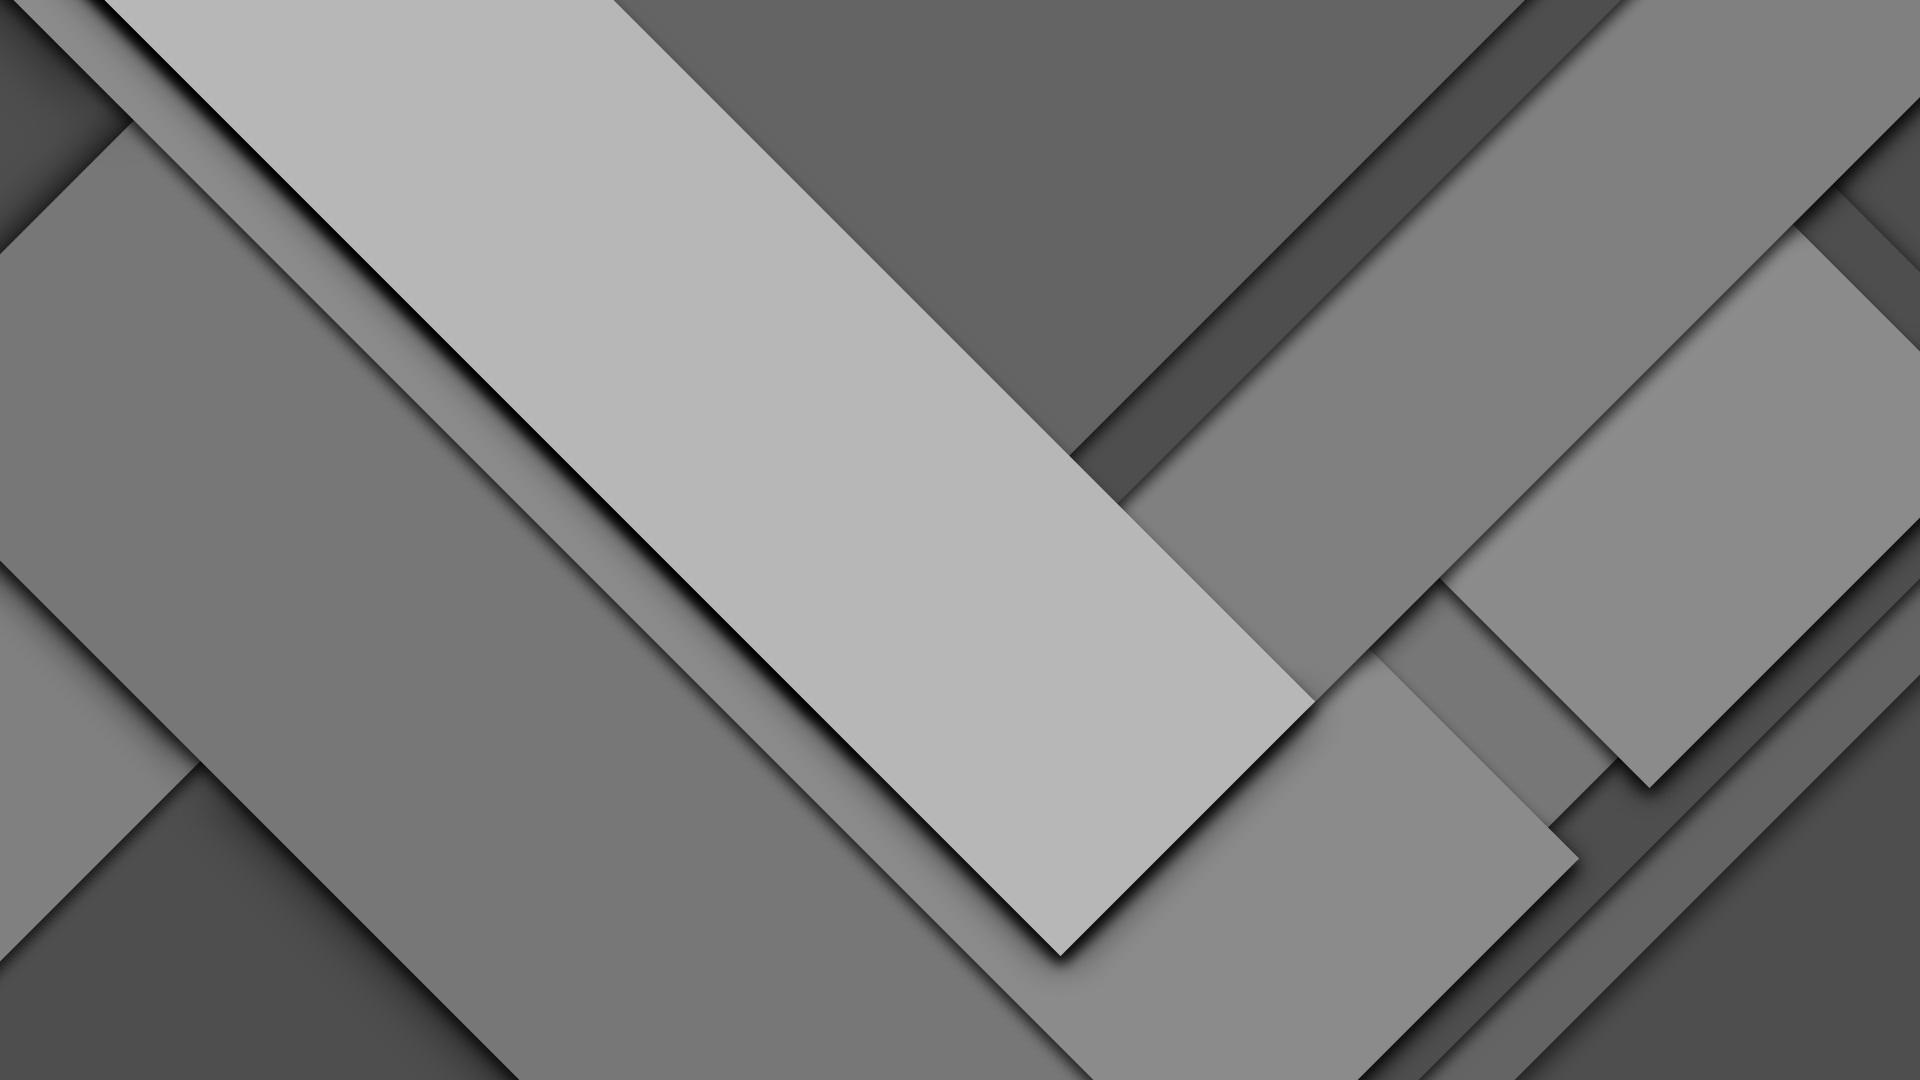 1920x1080 Material Design Grey Laptop Full HD 1080P HD 4k